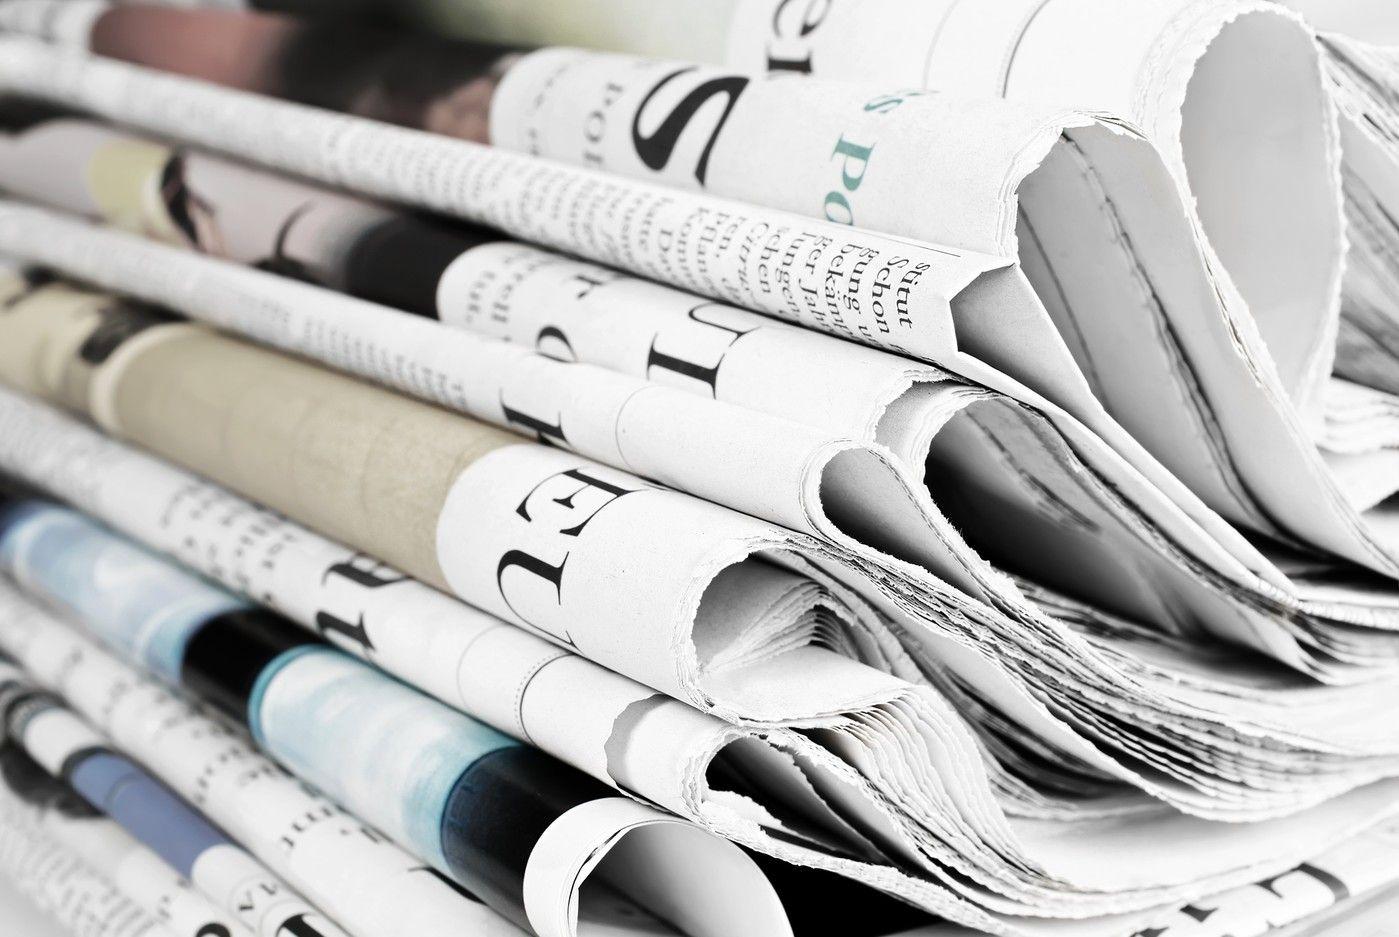 revue-de-presse-lactualite-fortement-dominee-par-linvestiture-de-ouattara